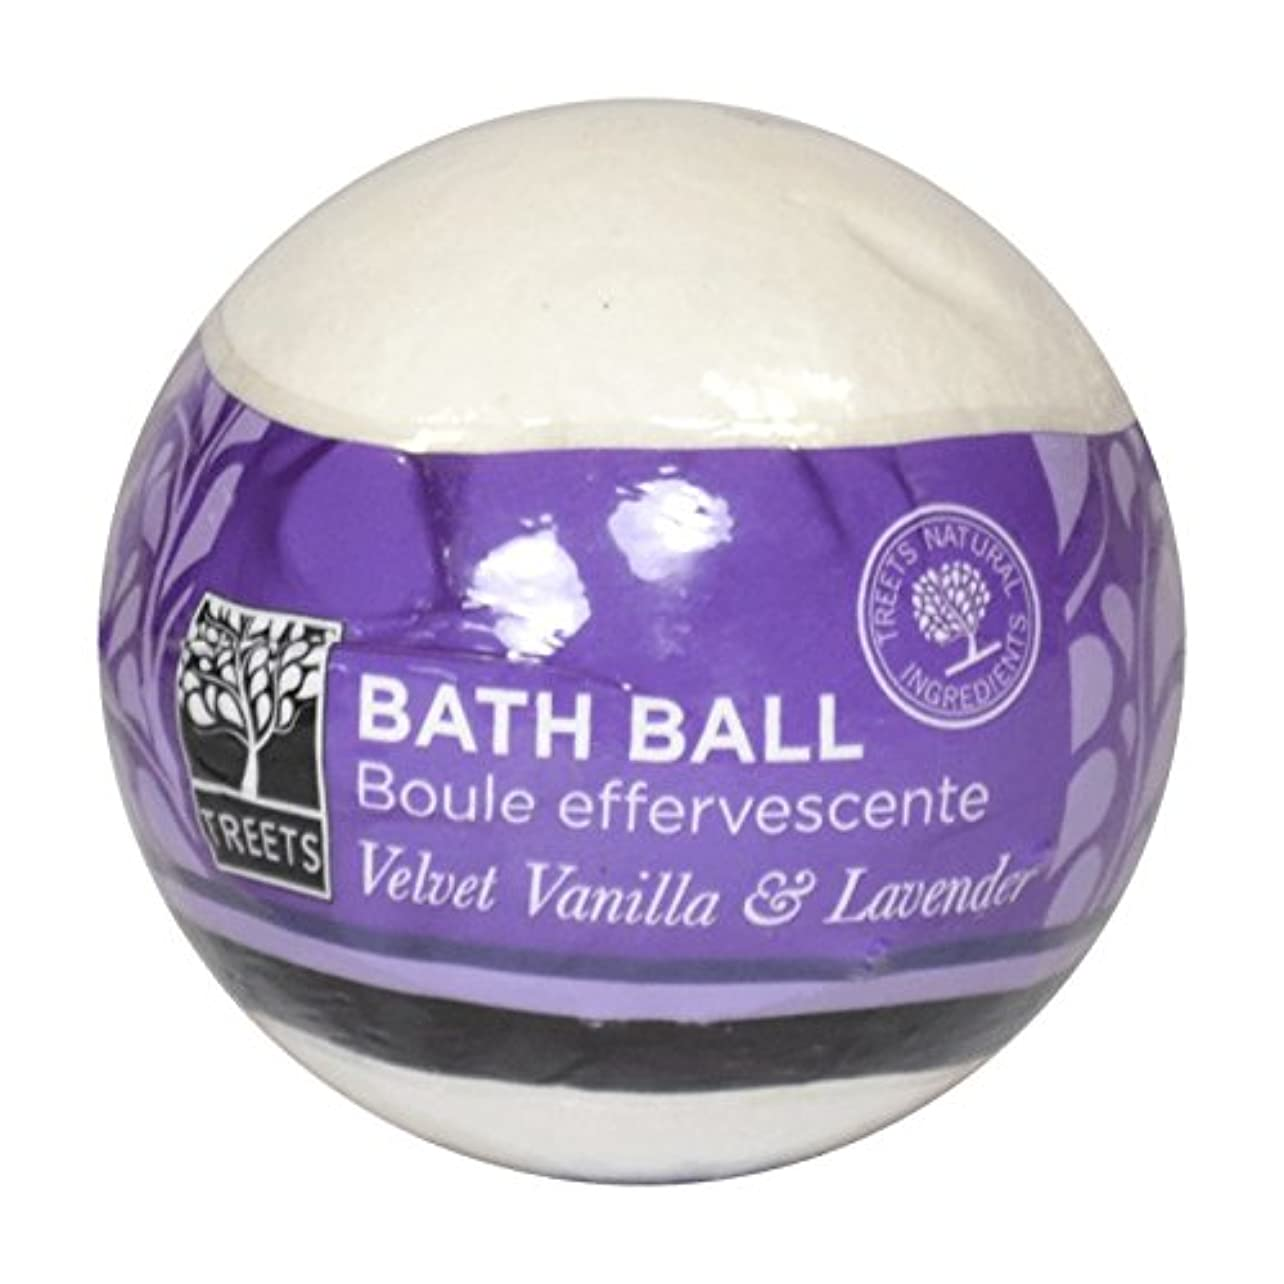 ドラフトよろしく哲学Treetsベルベットのバニラ&ラベンダーバスボール - Treets Velvet Vanilla & Lavender Bath Ball (Treets) [並行輸入品]